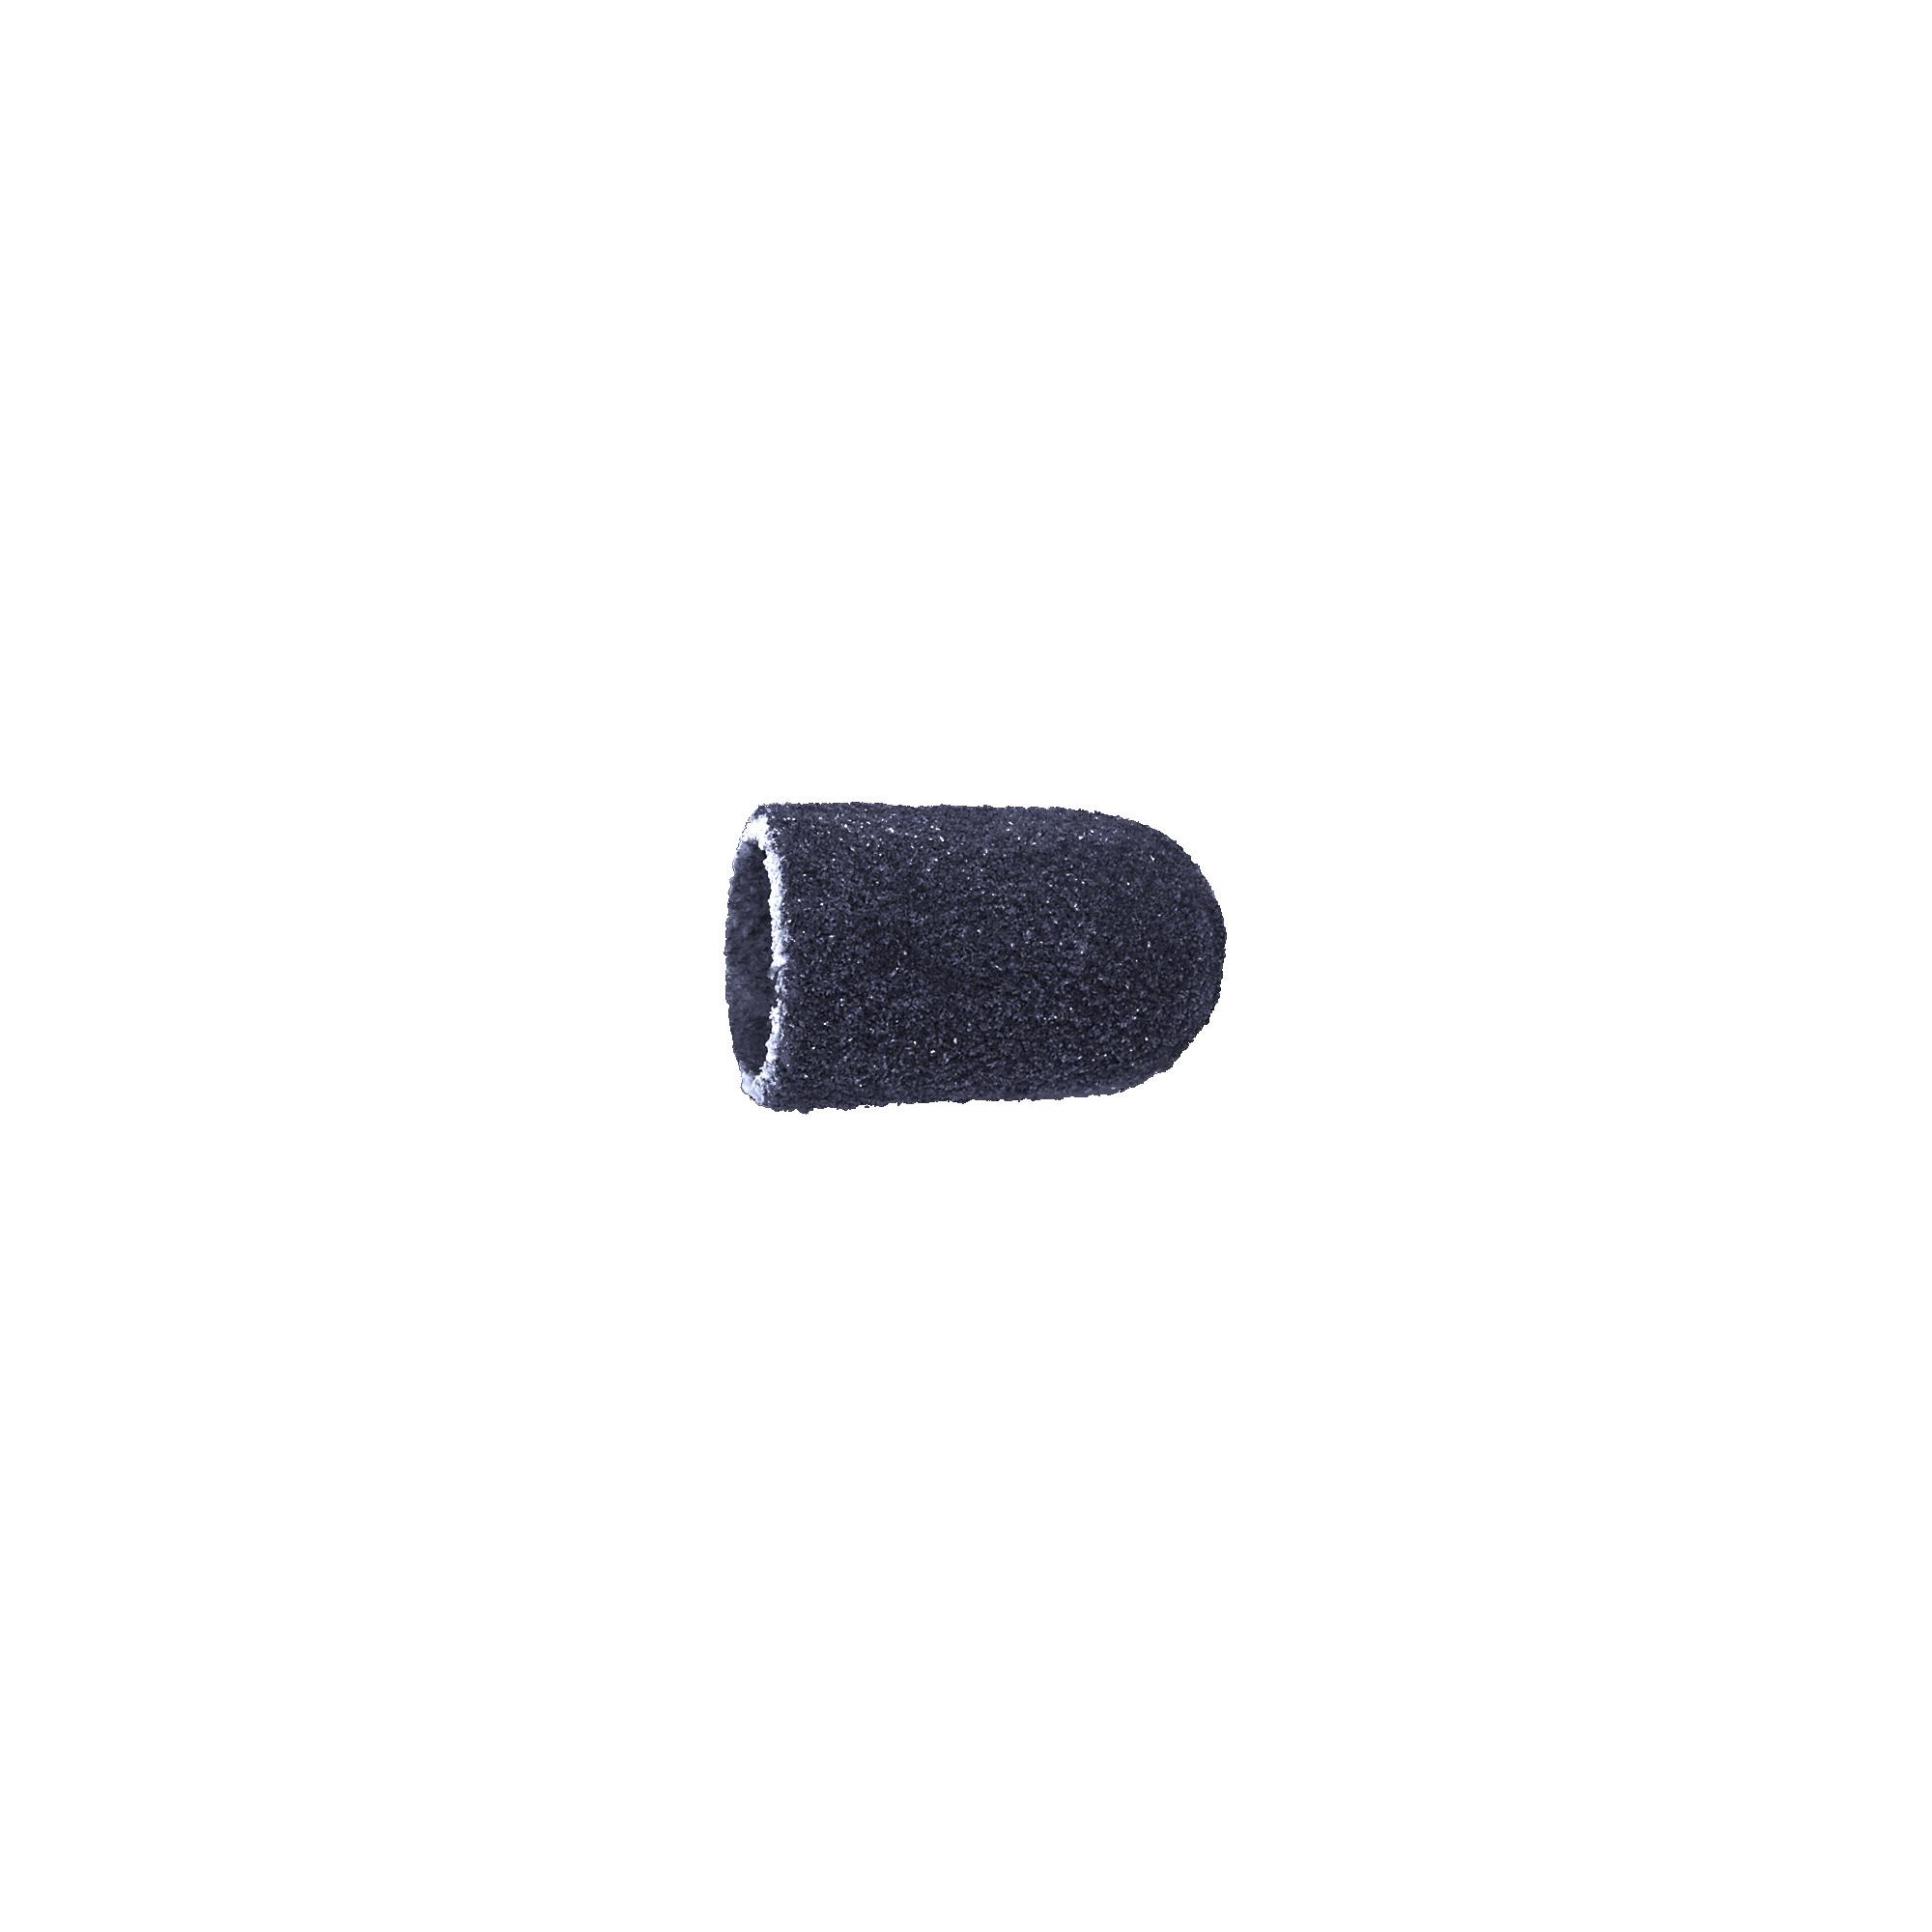 Capuchons abrasifs 1402 - Diamant - Grain moyen - Abrasion des cors, durillons et hyperkératoses - 7 mm